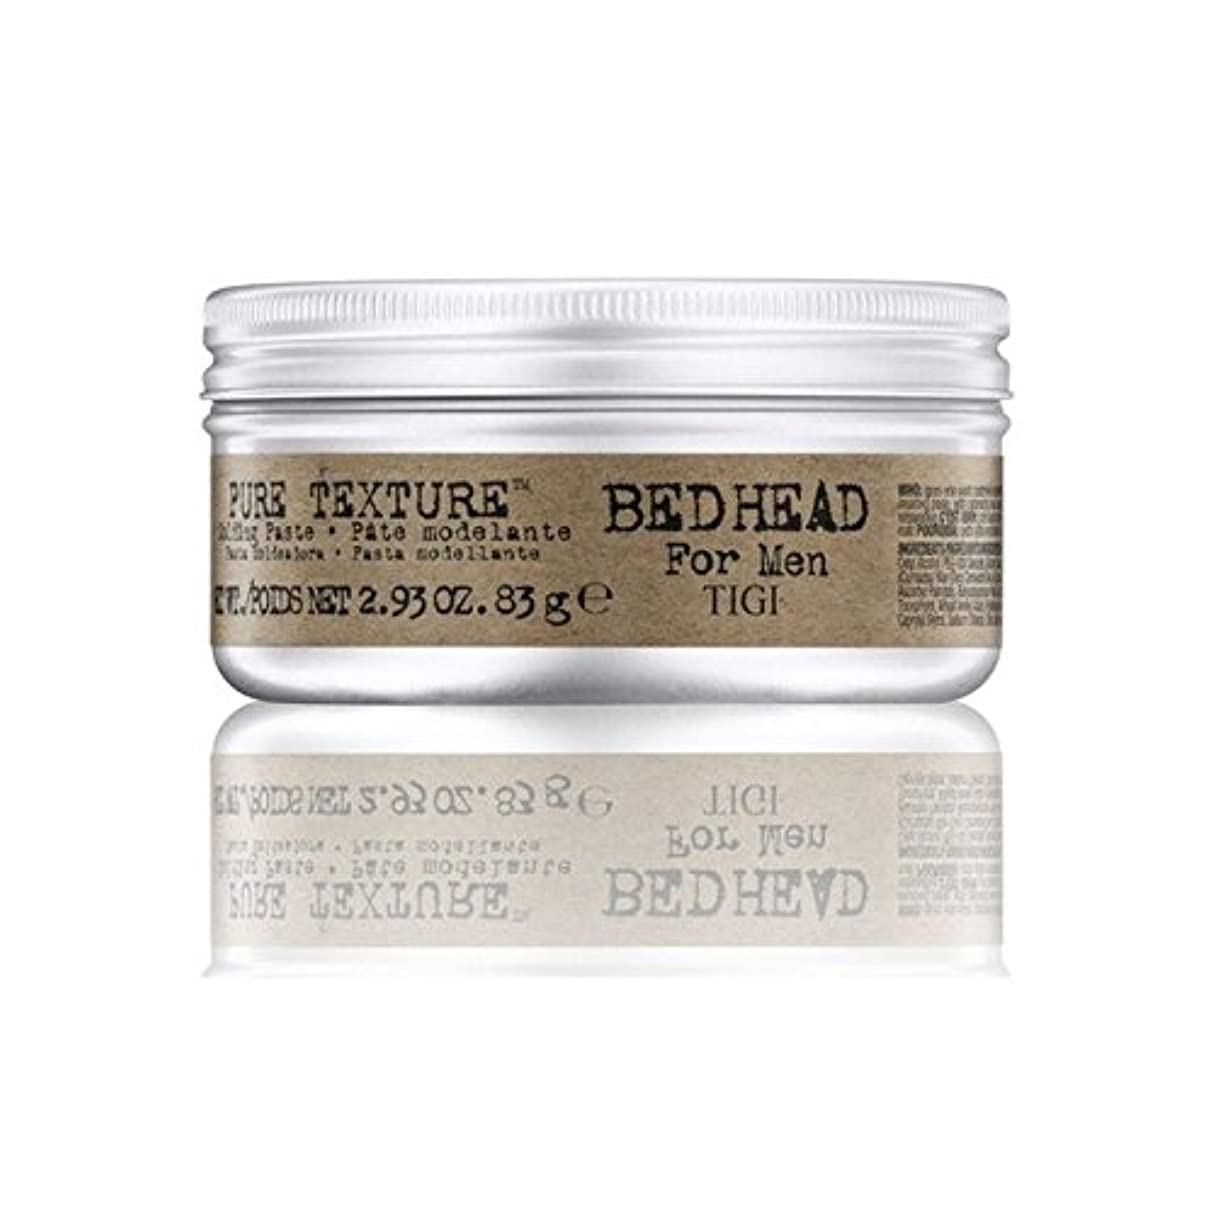 創傷感謝祭豊かなTigi Bed Head For Men Pure Texture Molding Paste (83G) - 男性の純粋なテクスチャーモールディングペースト(83グラム)のためのティジーベッドヘッド [並行輸入品]